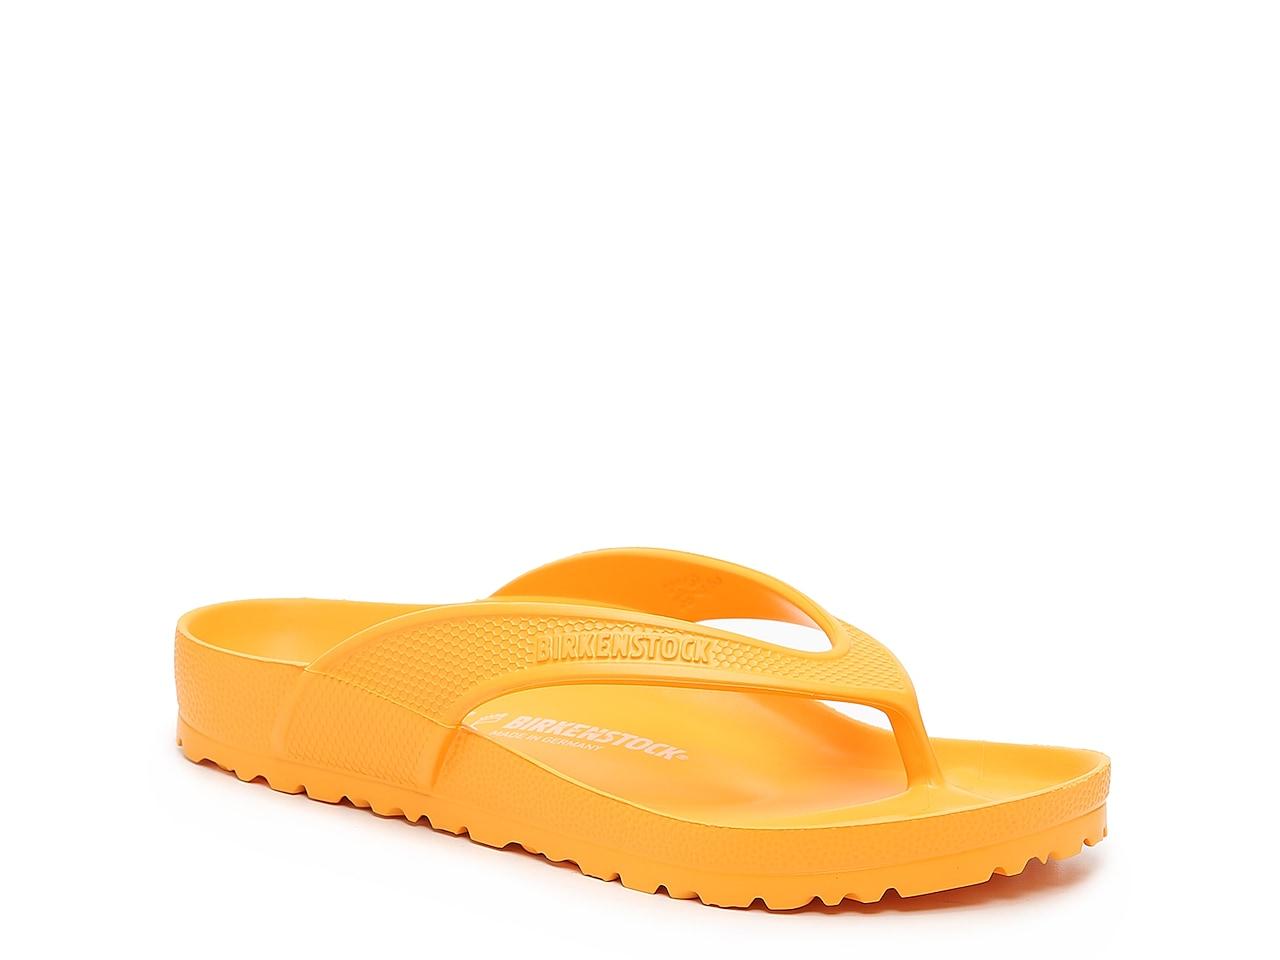 Birkenstock Honolulu Sandal - Women's